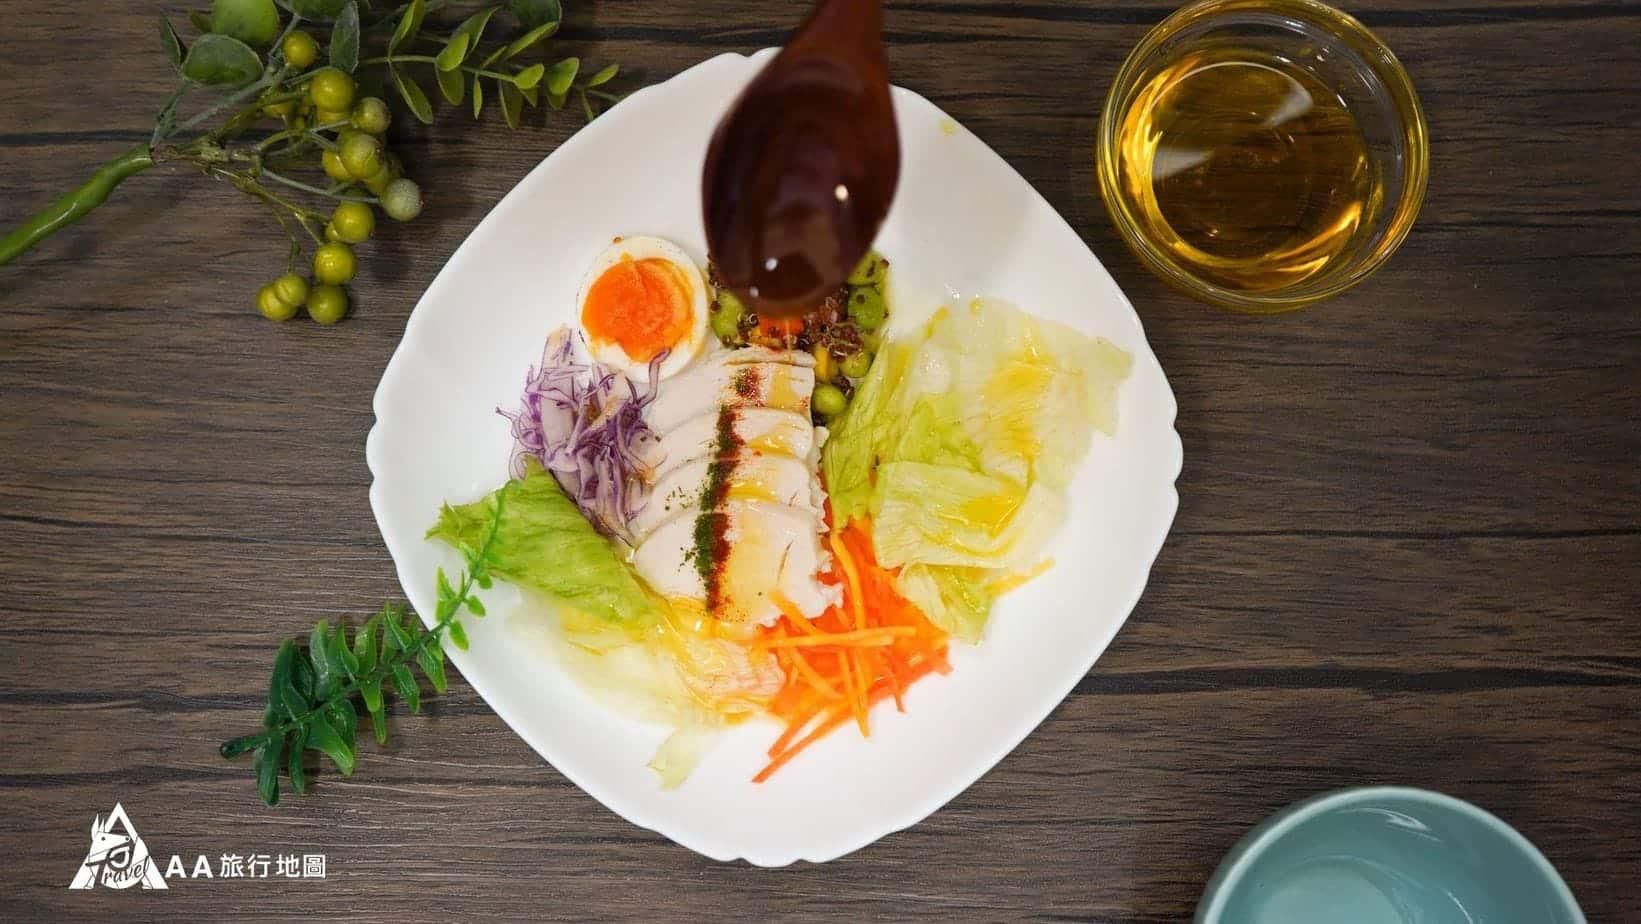 monini-初榨橄欖油塔配沙拉